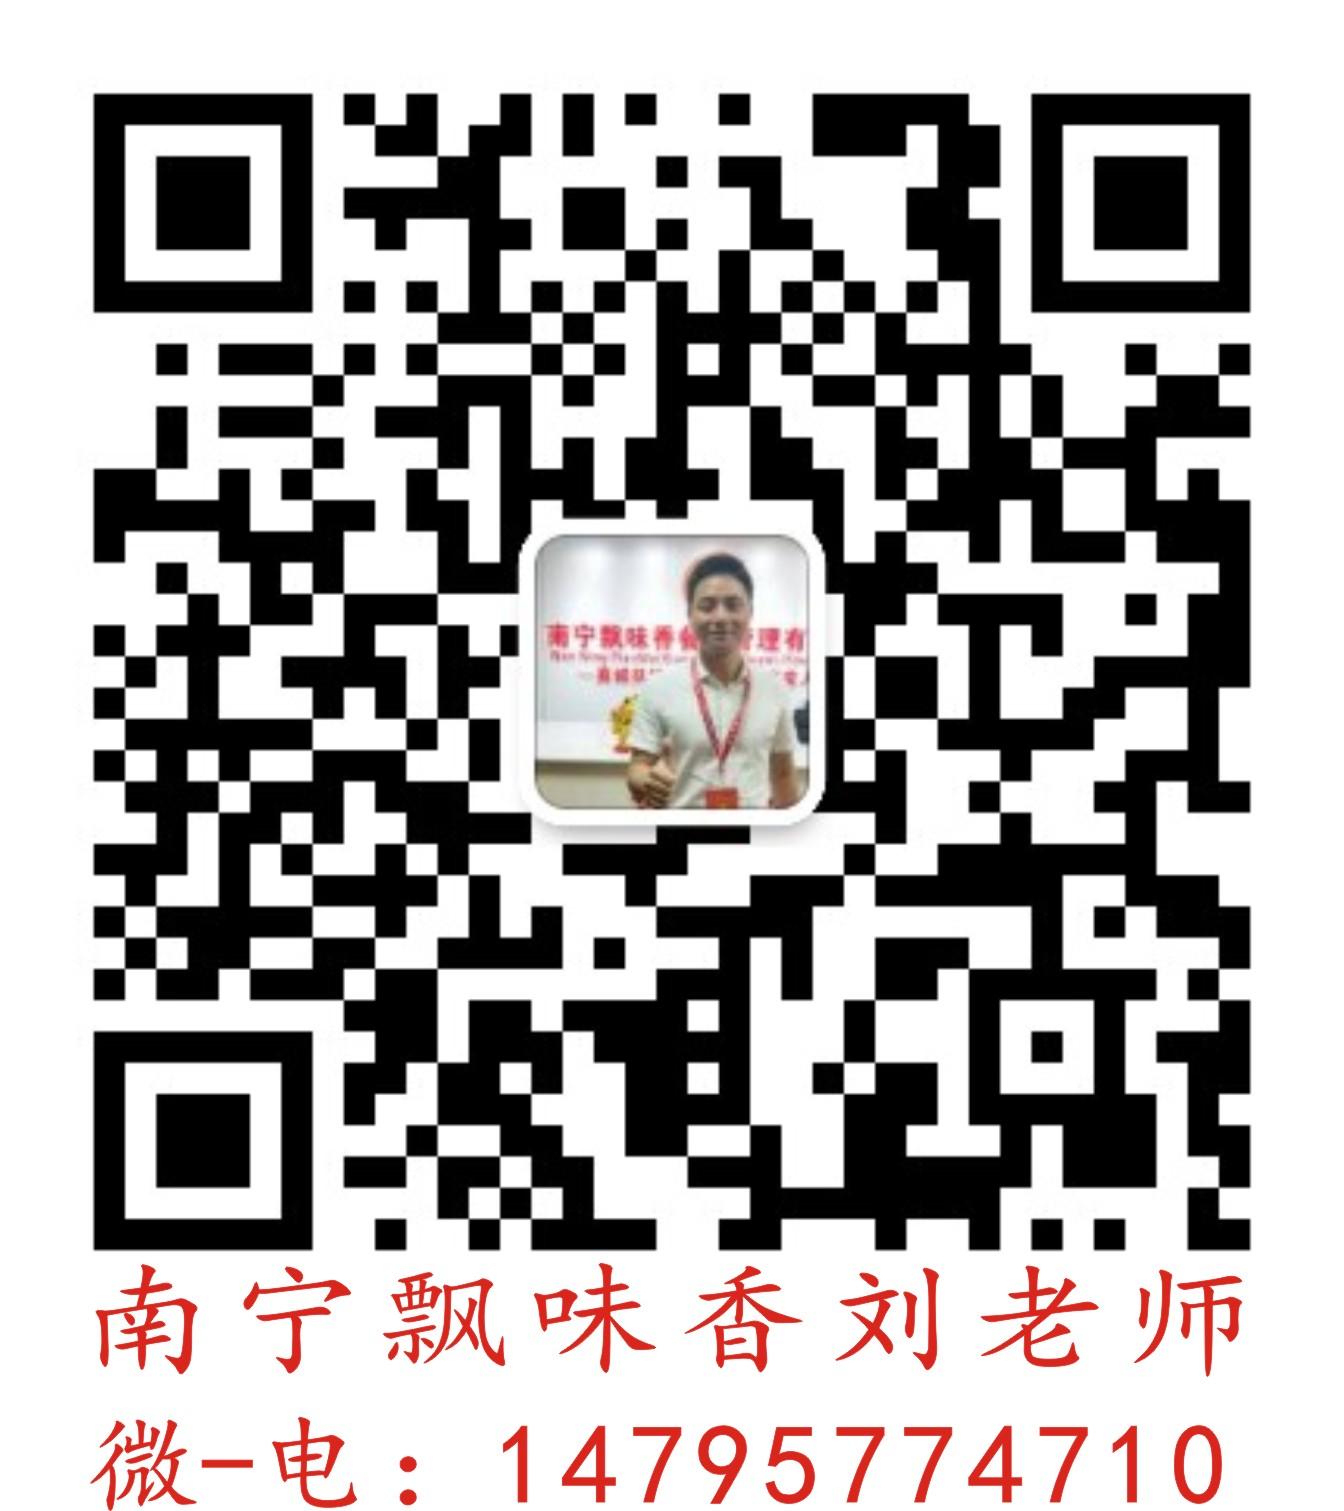 刘老师二维码.jpg